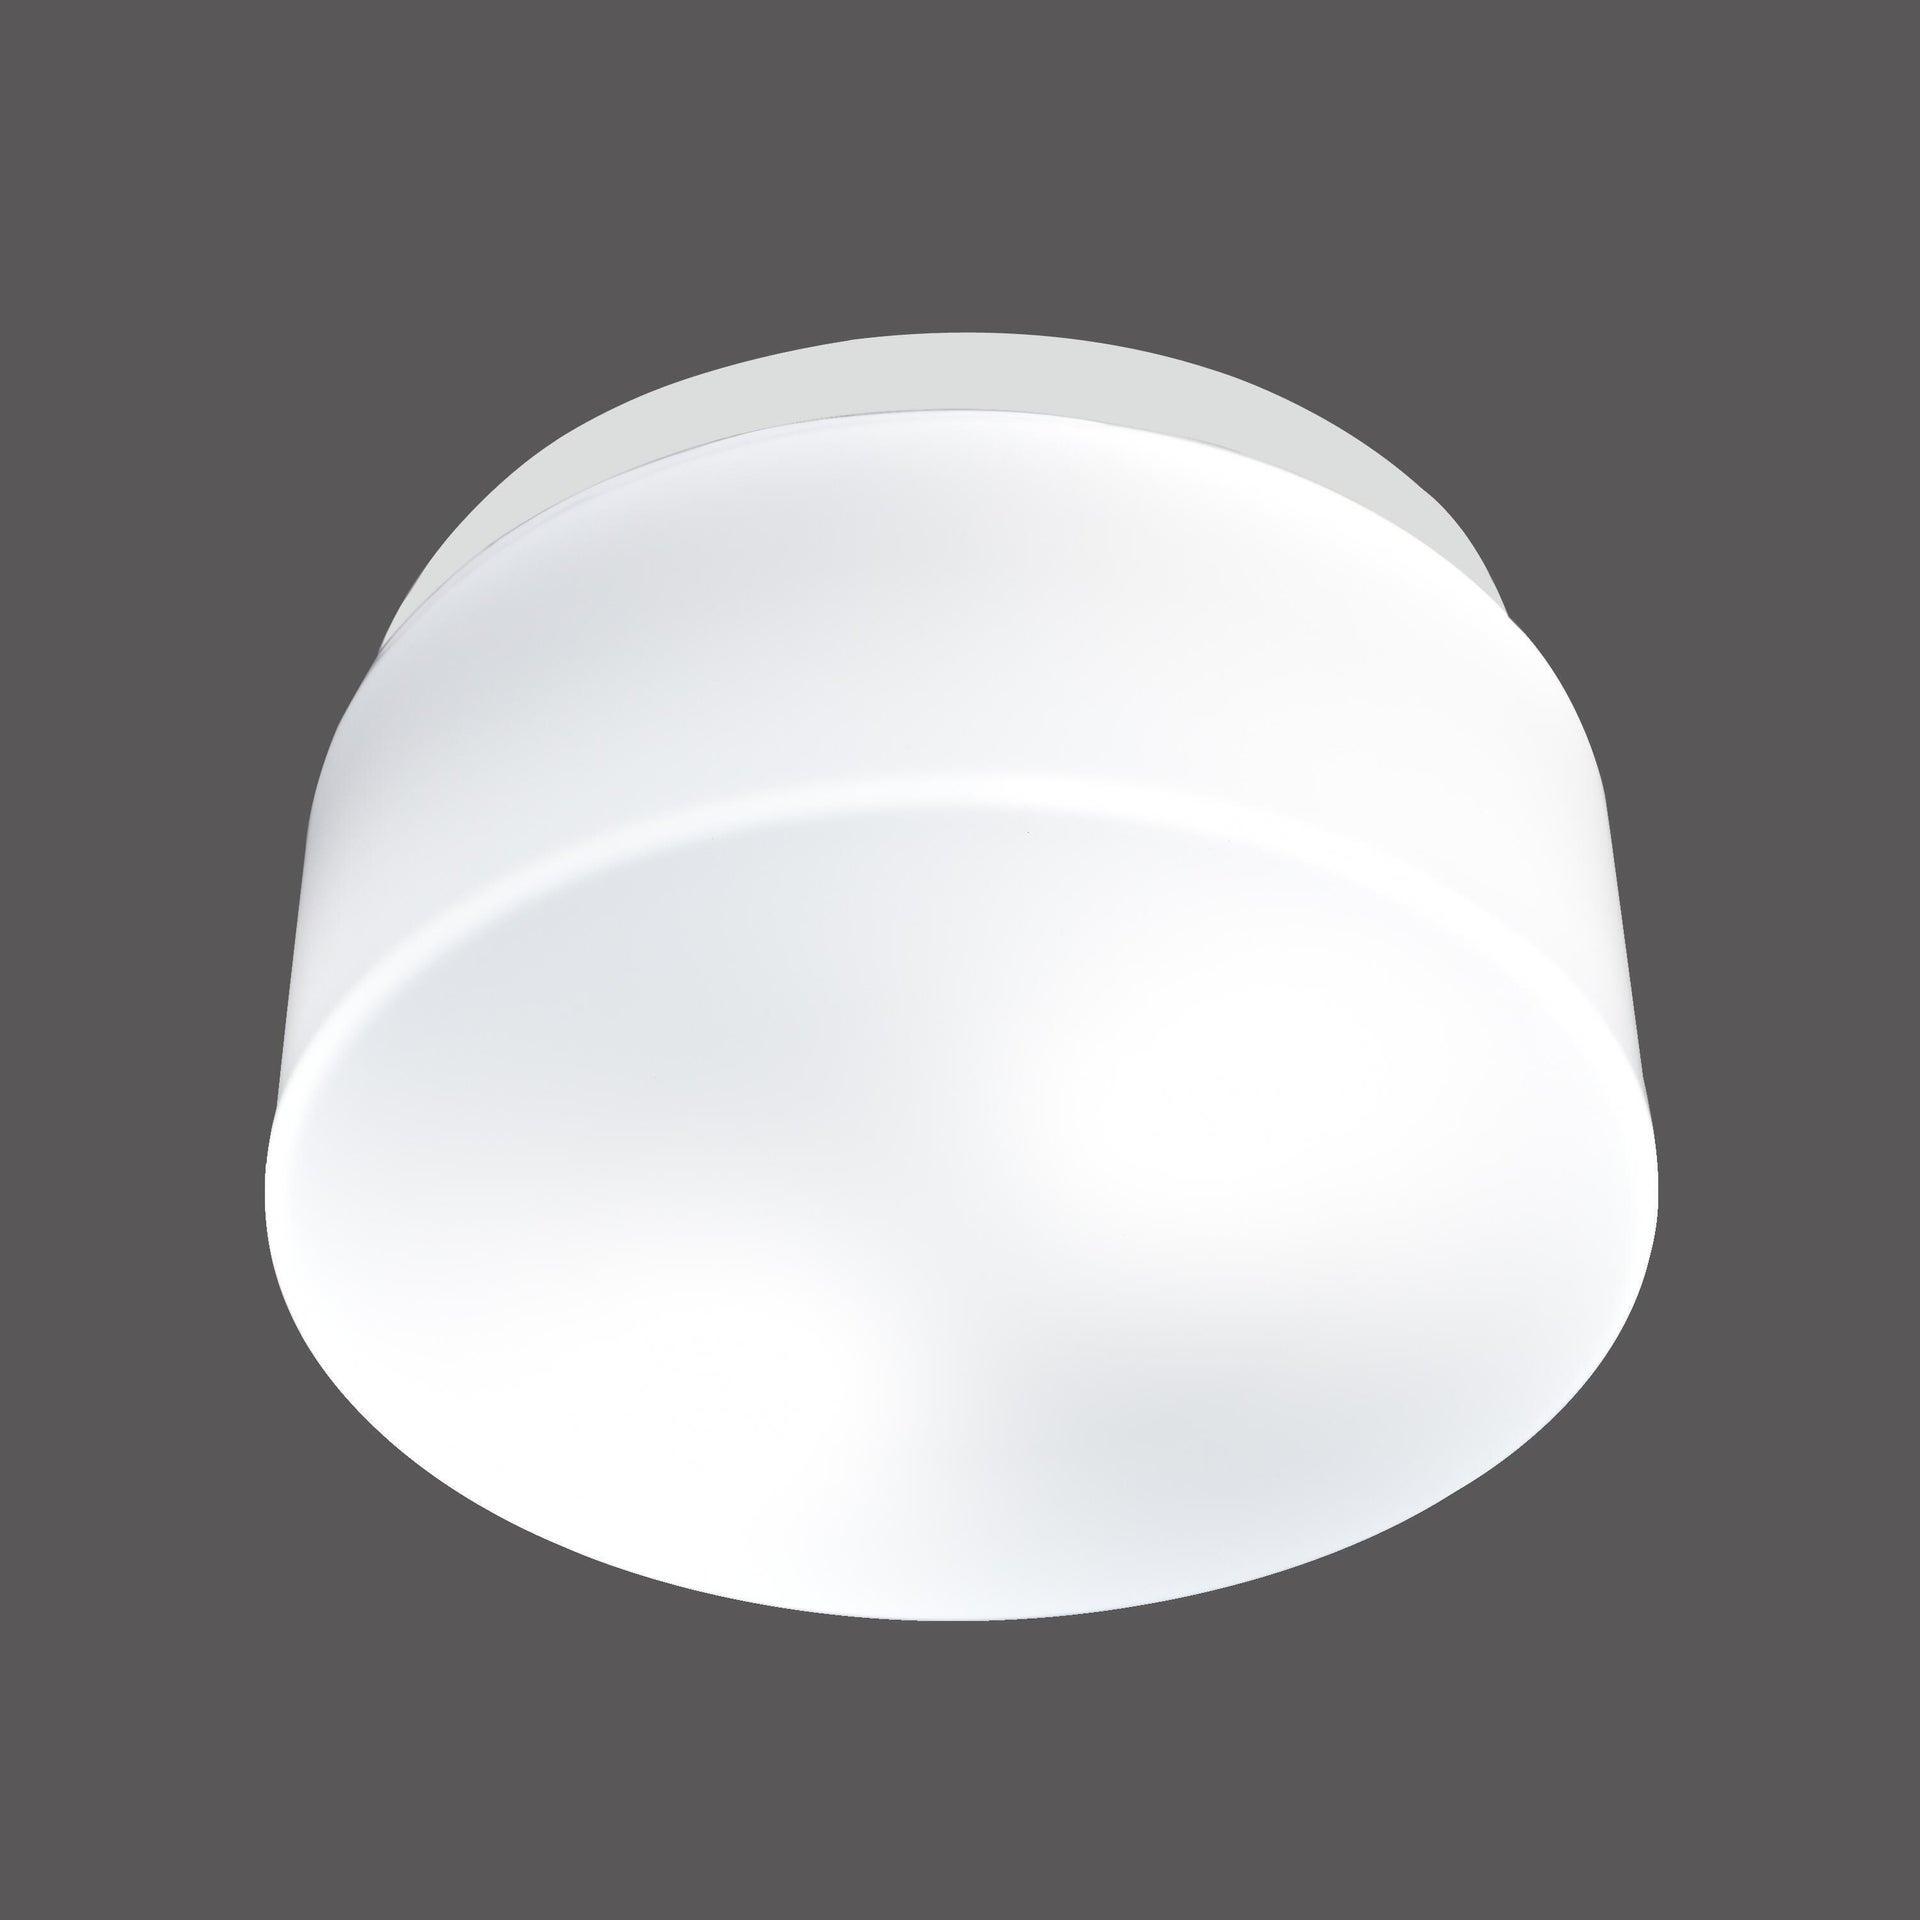 Plafoniera Plafoniera bianco D. 25 cm 25x25 cm, - 3